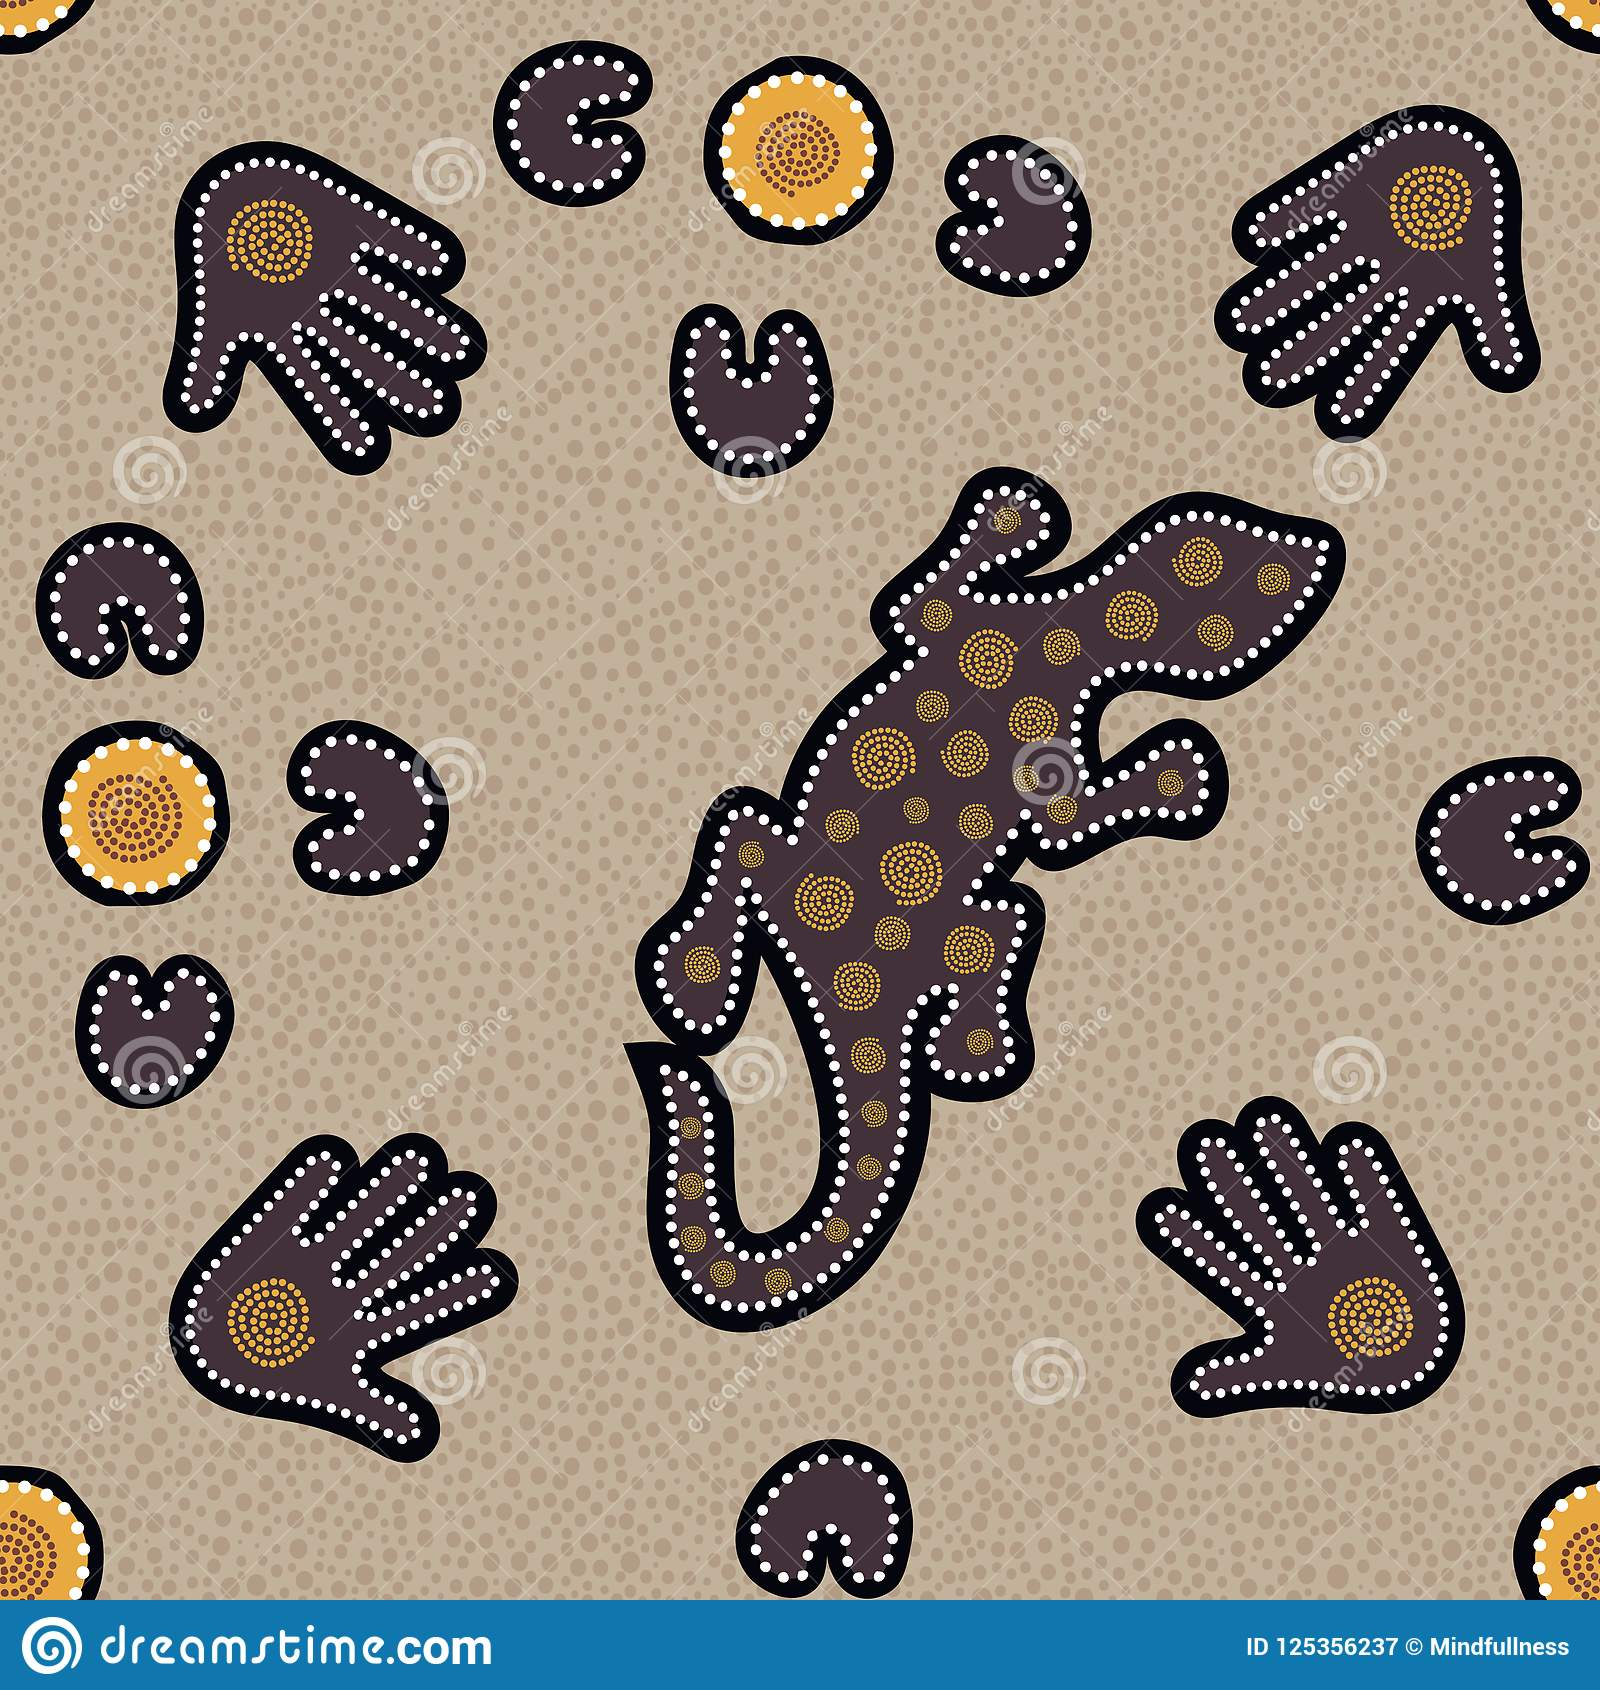 与被加点的圈子、蜥蜴、棕榈、飞旋镖和螺旋的澳大利亚原史无缝的样式